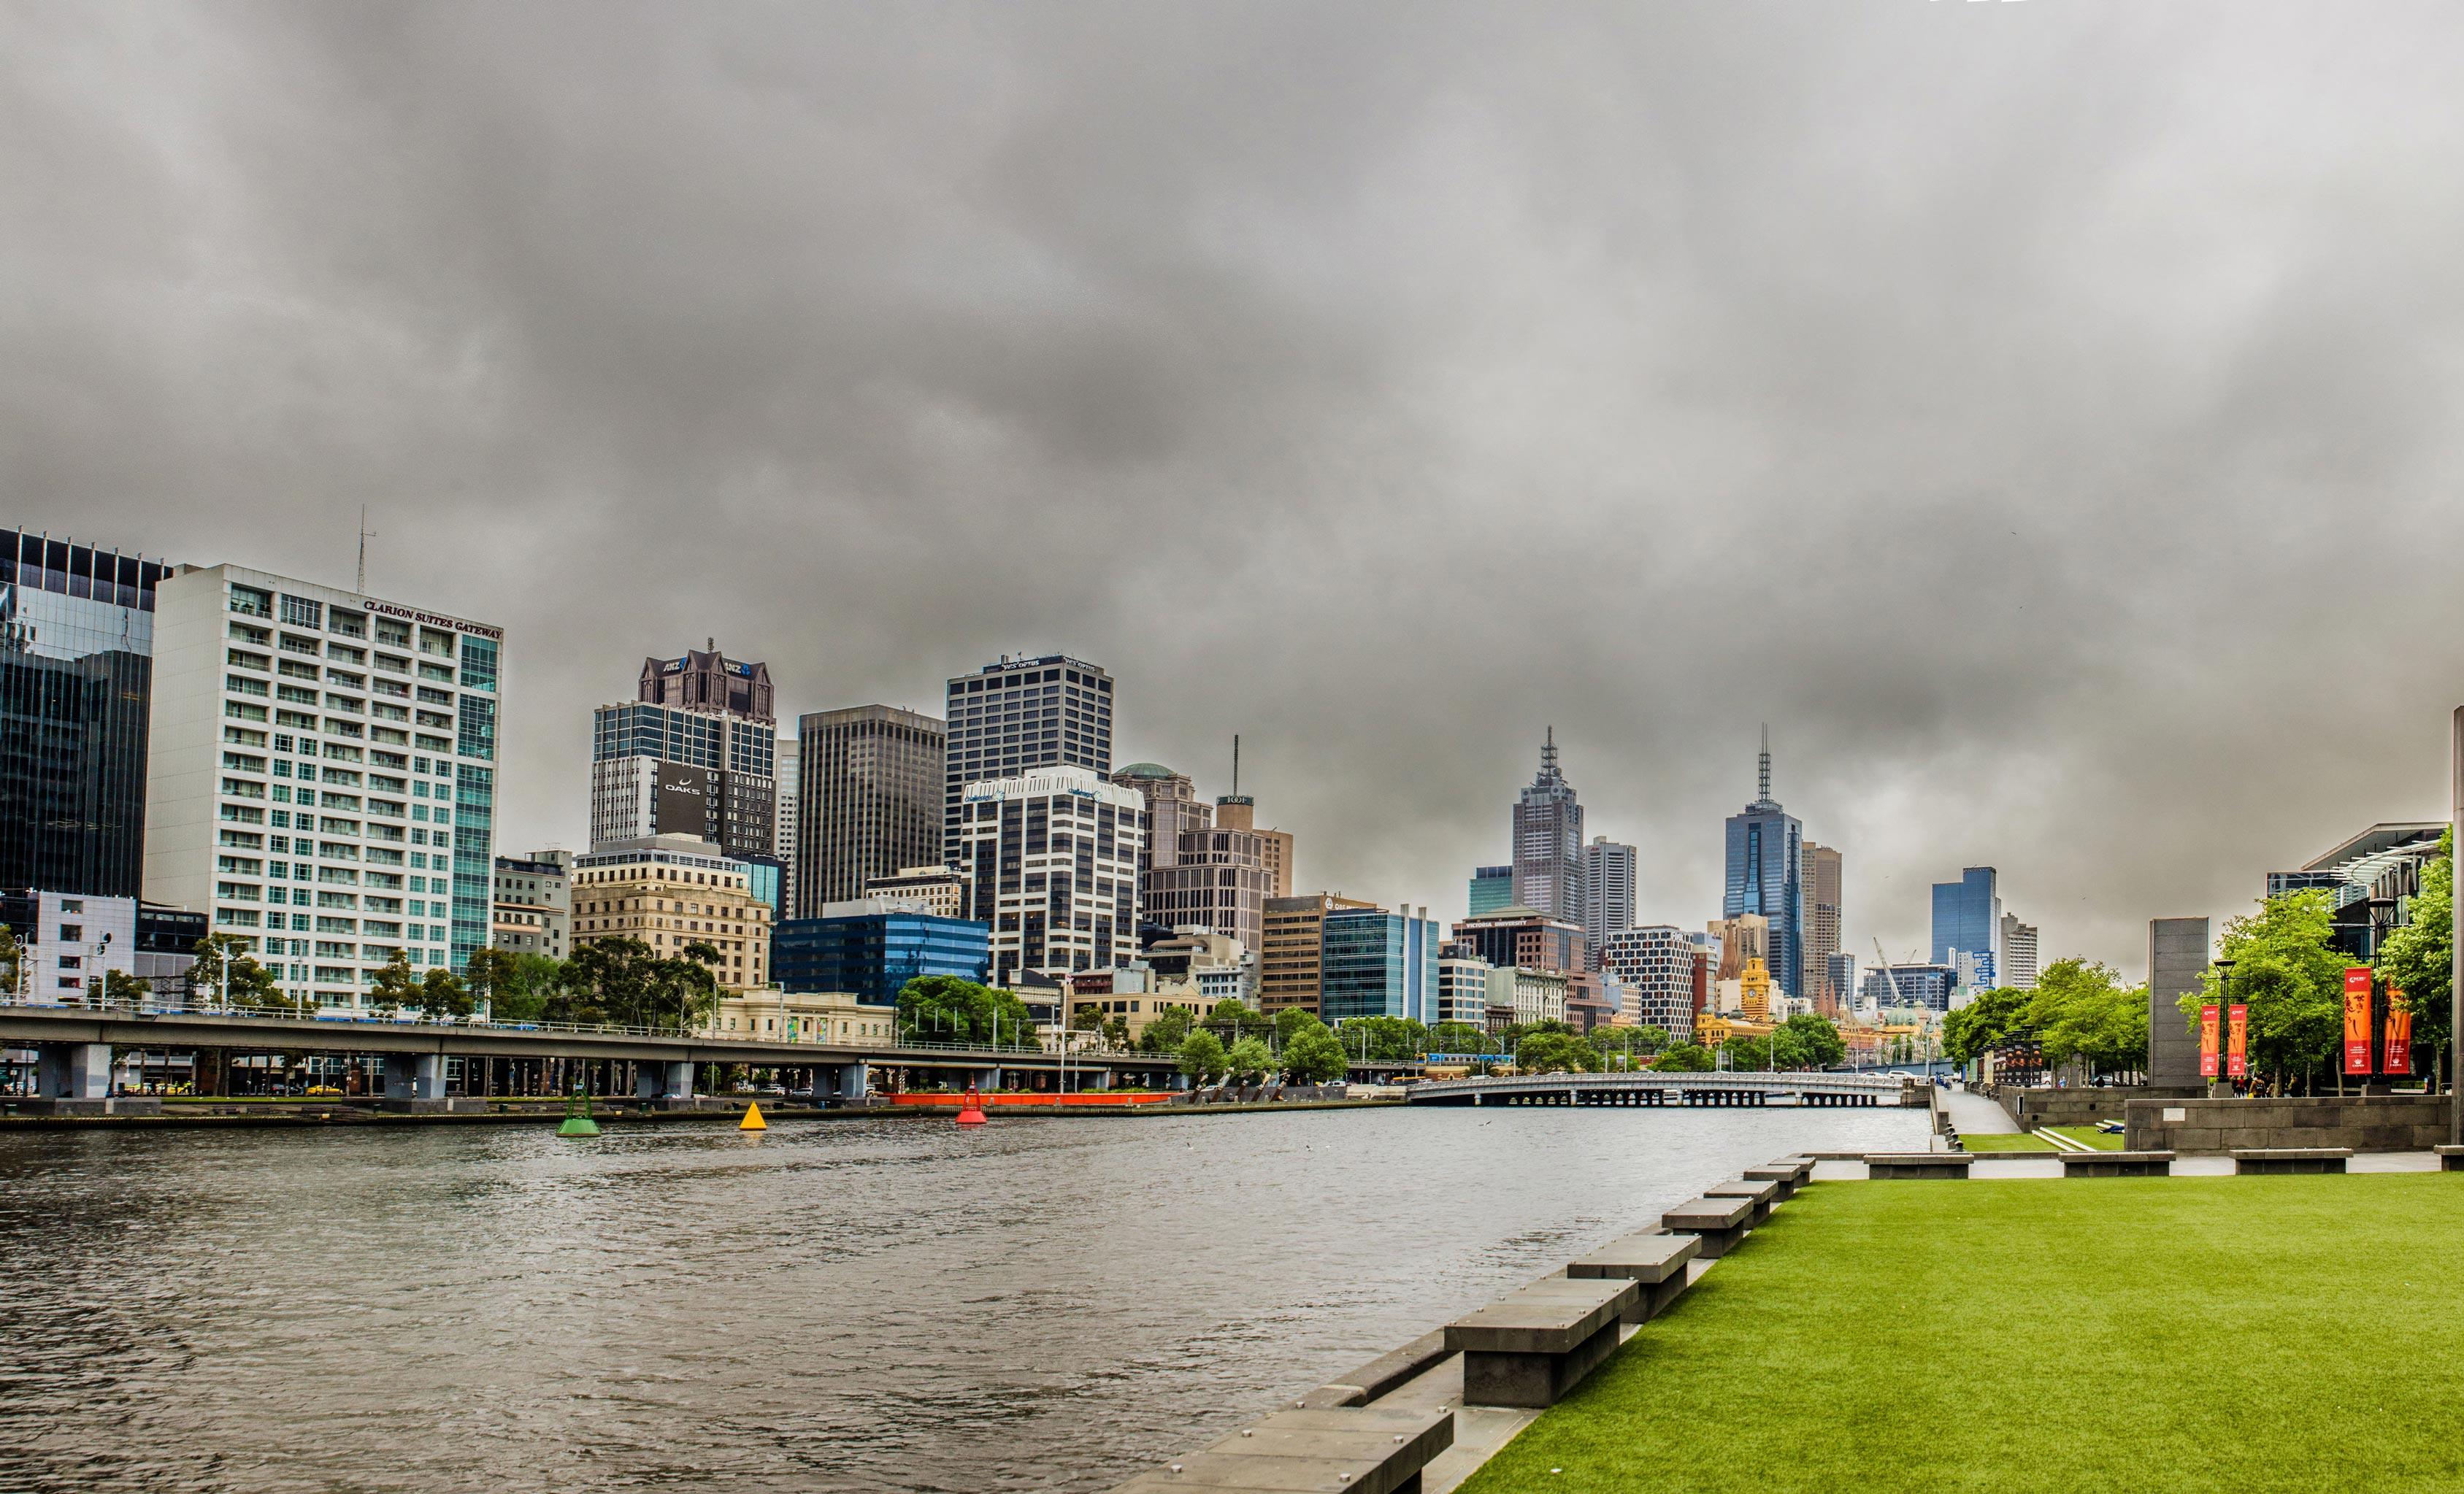 Paesaggi-Australia - DSC 0390  - Fotografo di paesaggio Melbourne Australia - Fotografo di paesaggio Melbourne Australia